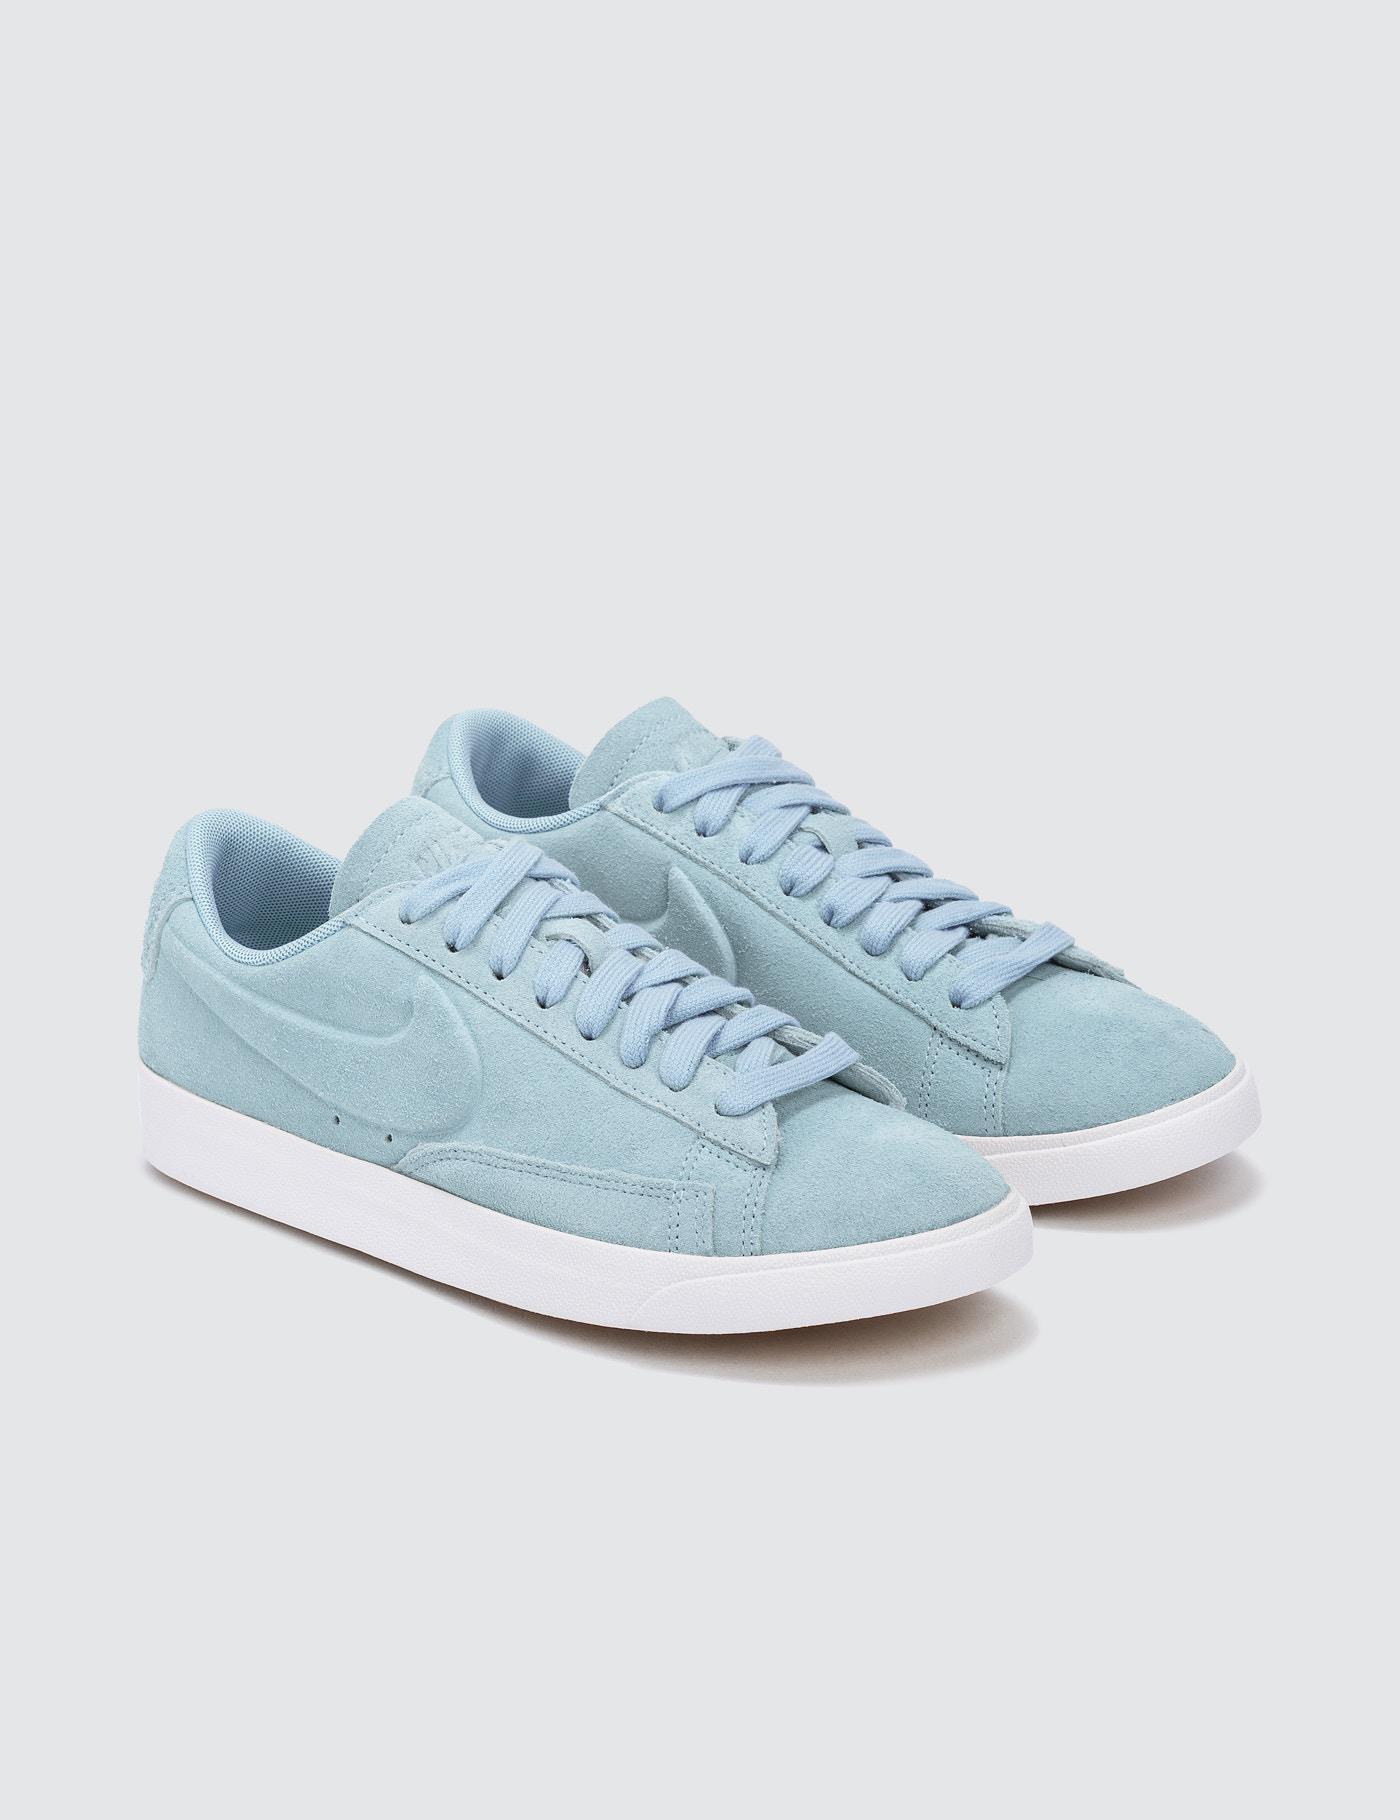 Lyst Sd Nike Blazer Low W Sd Lyst En Azul a9c4fc